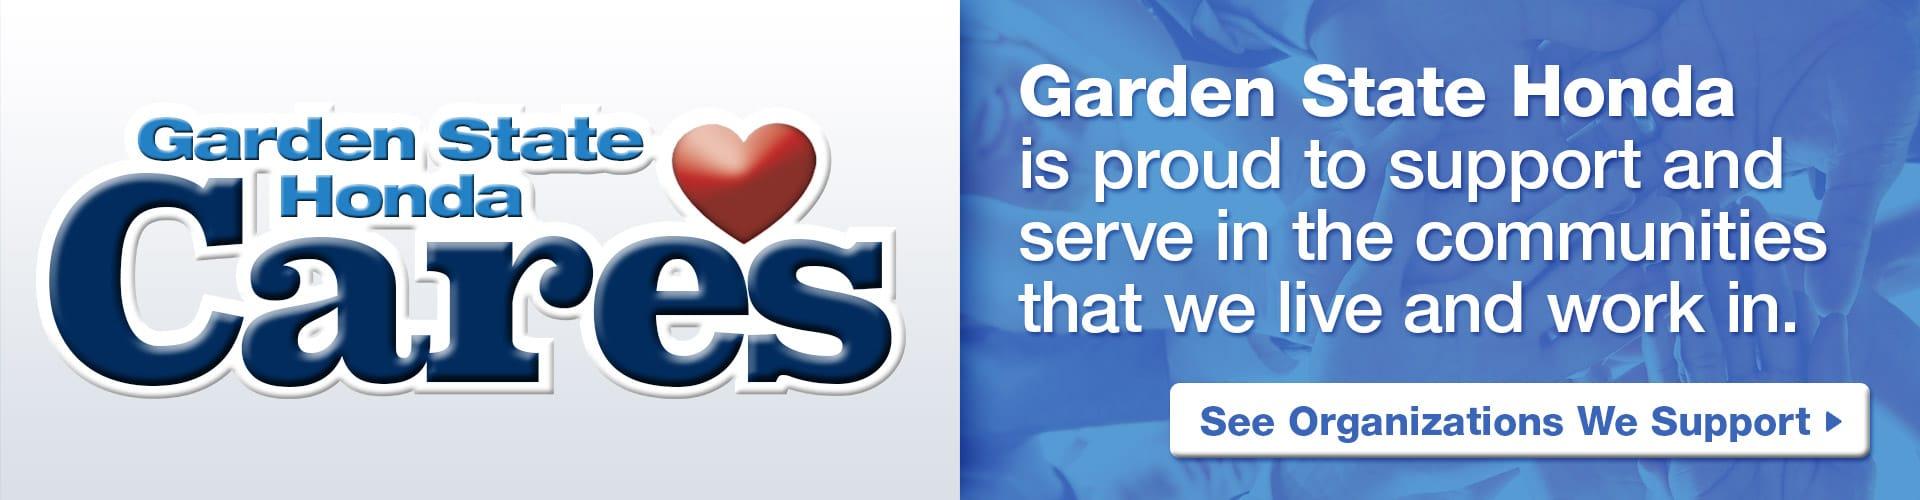 organizations we support - Garden State Honda